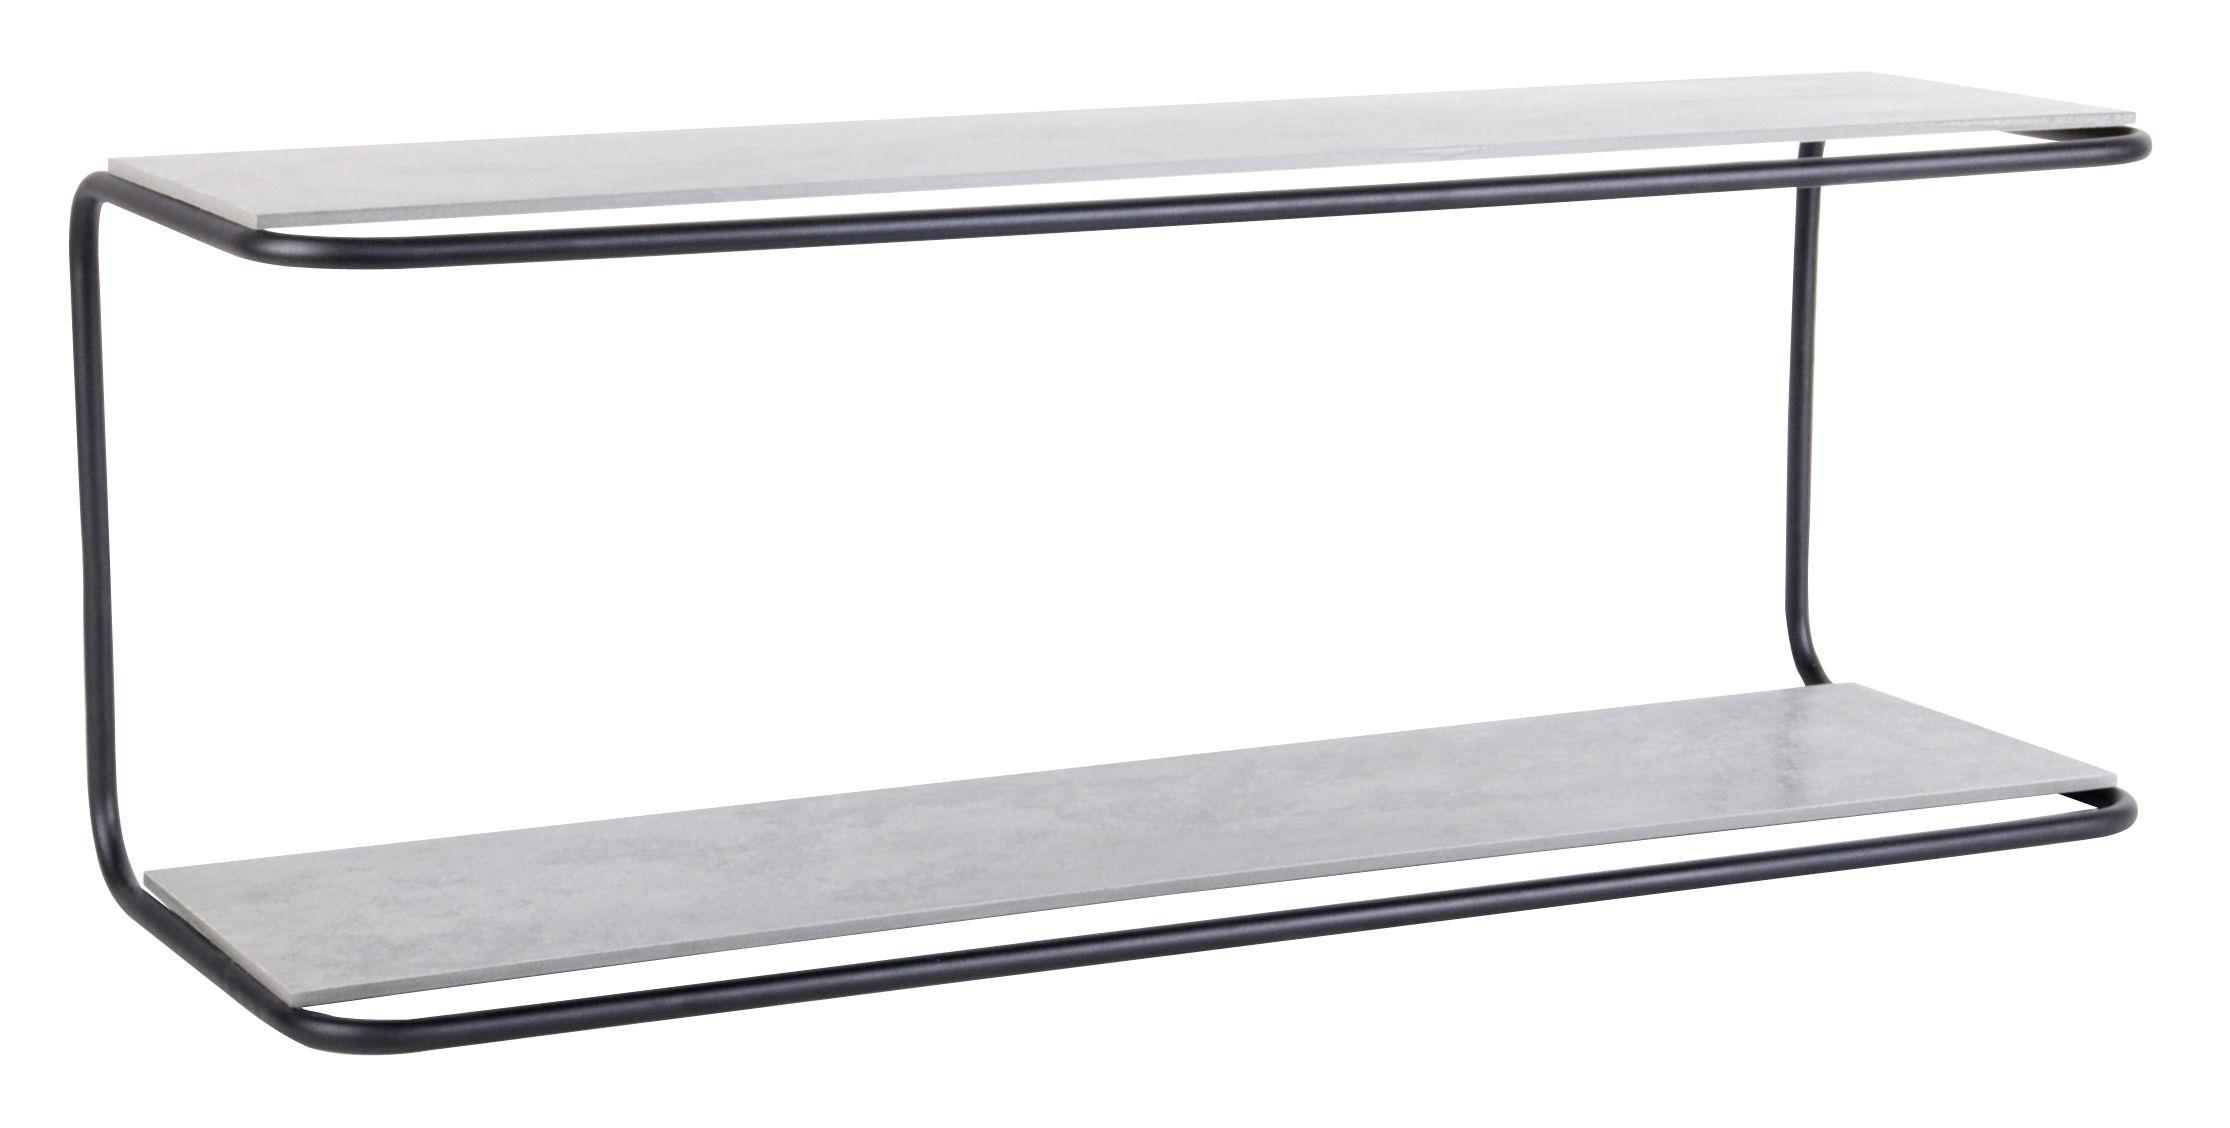 Arredamento - Scaffali e librerie - Mensola Yoso / Cemento - L 110 cm - XL Boom - Nero / Cemento grigio - Acier laqué époxy, Fibre-ciment